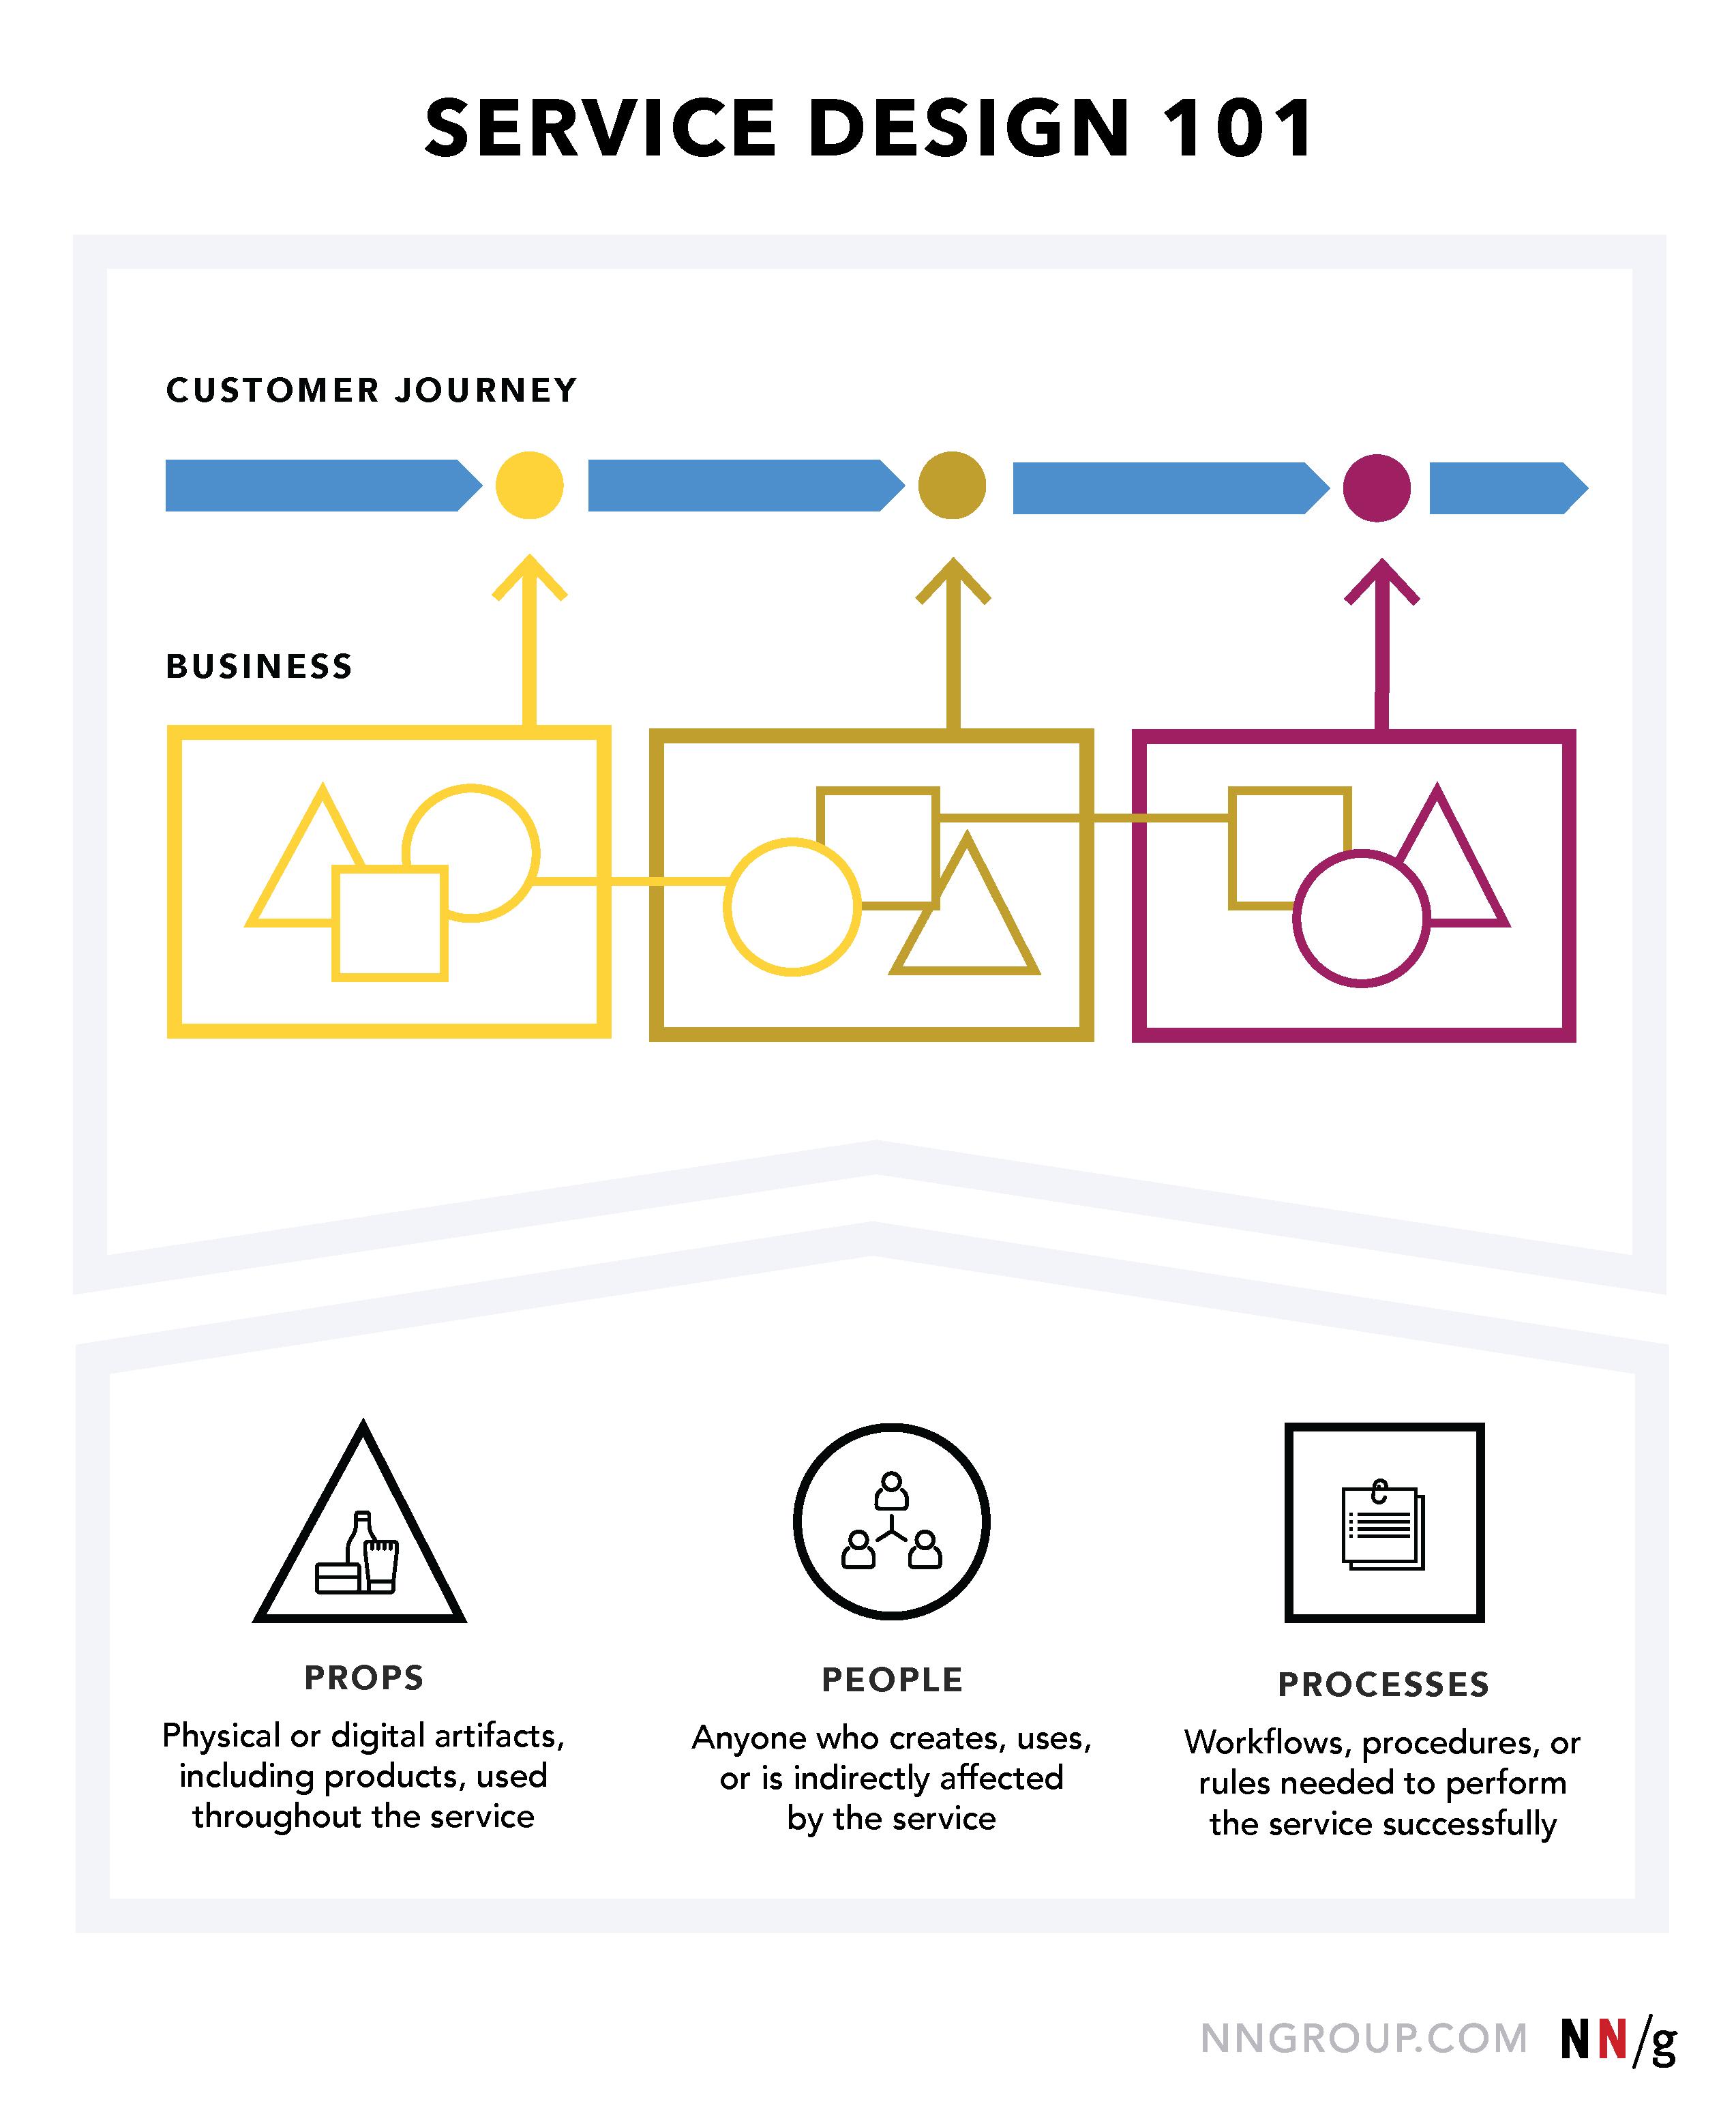 تعریف طراحی خدمات